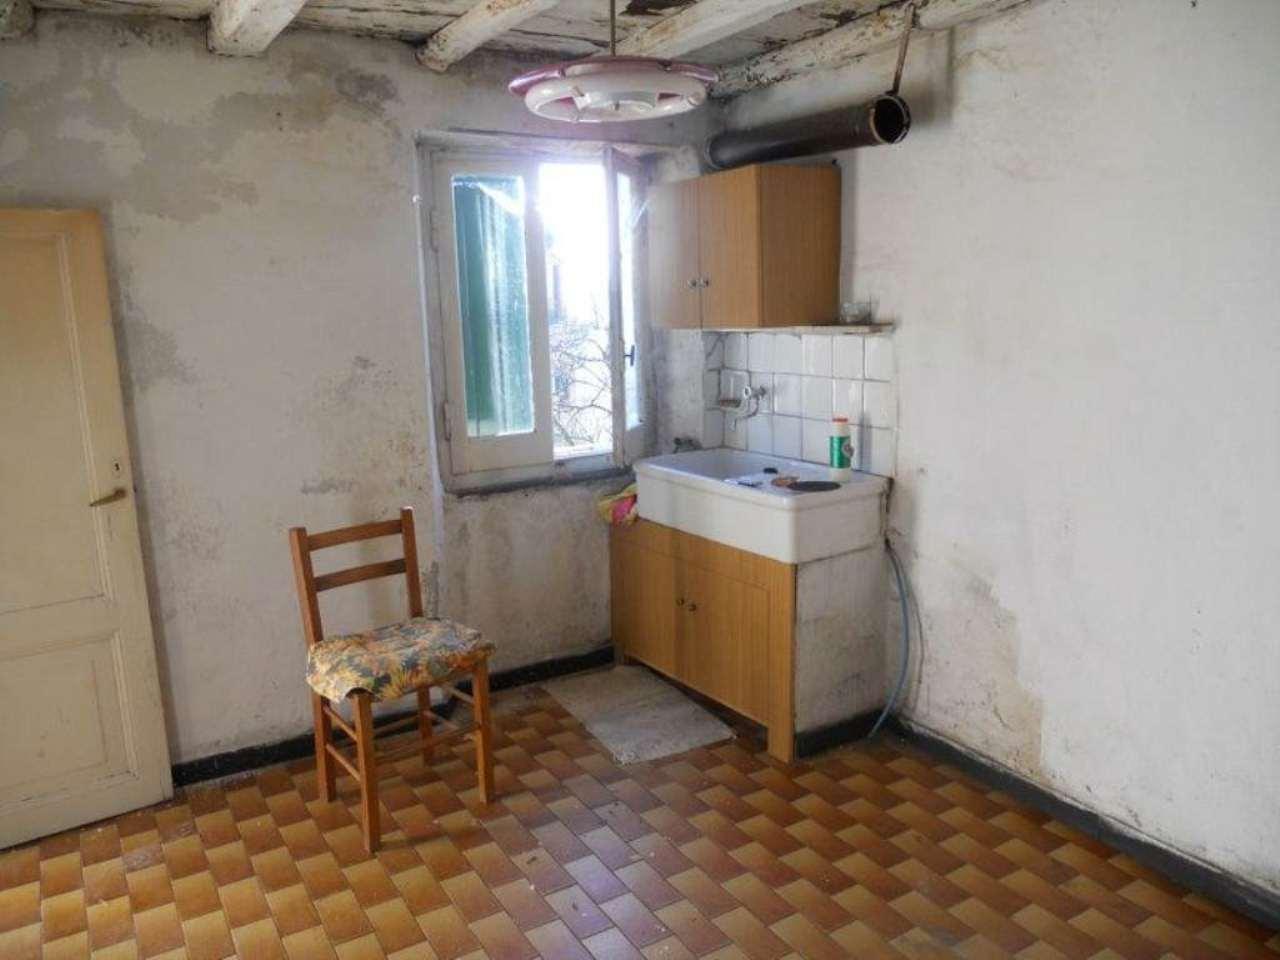 Rustico / Casale in vendita a Neirone, 4 locali, prezzo € 20.000 | Cambio Casa.it